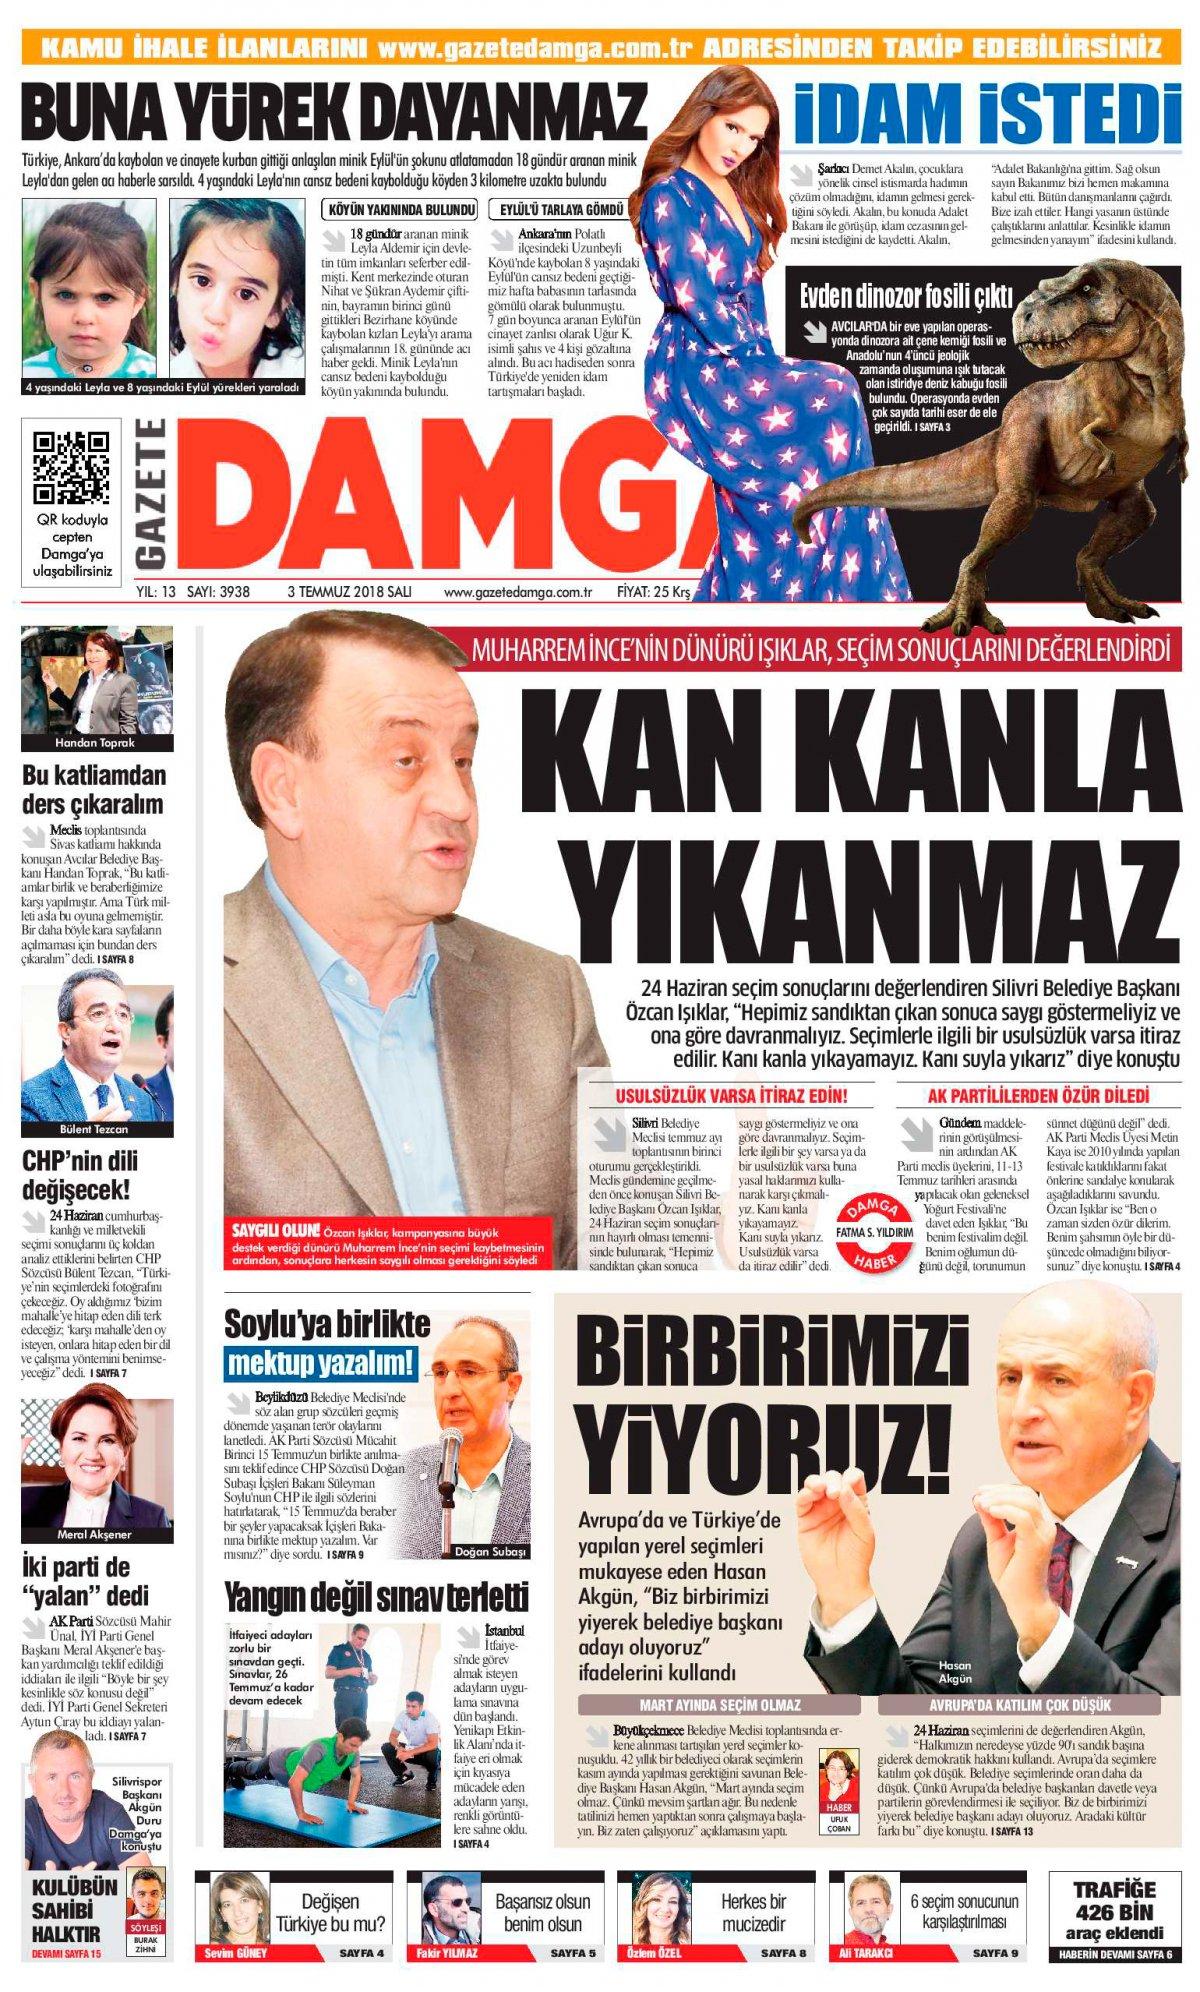 Gazete Damga - 03.07.2018 Manşeti